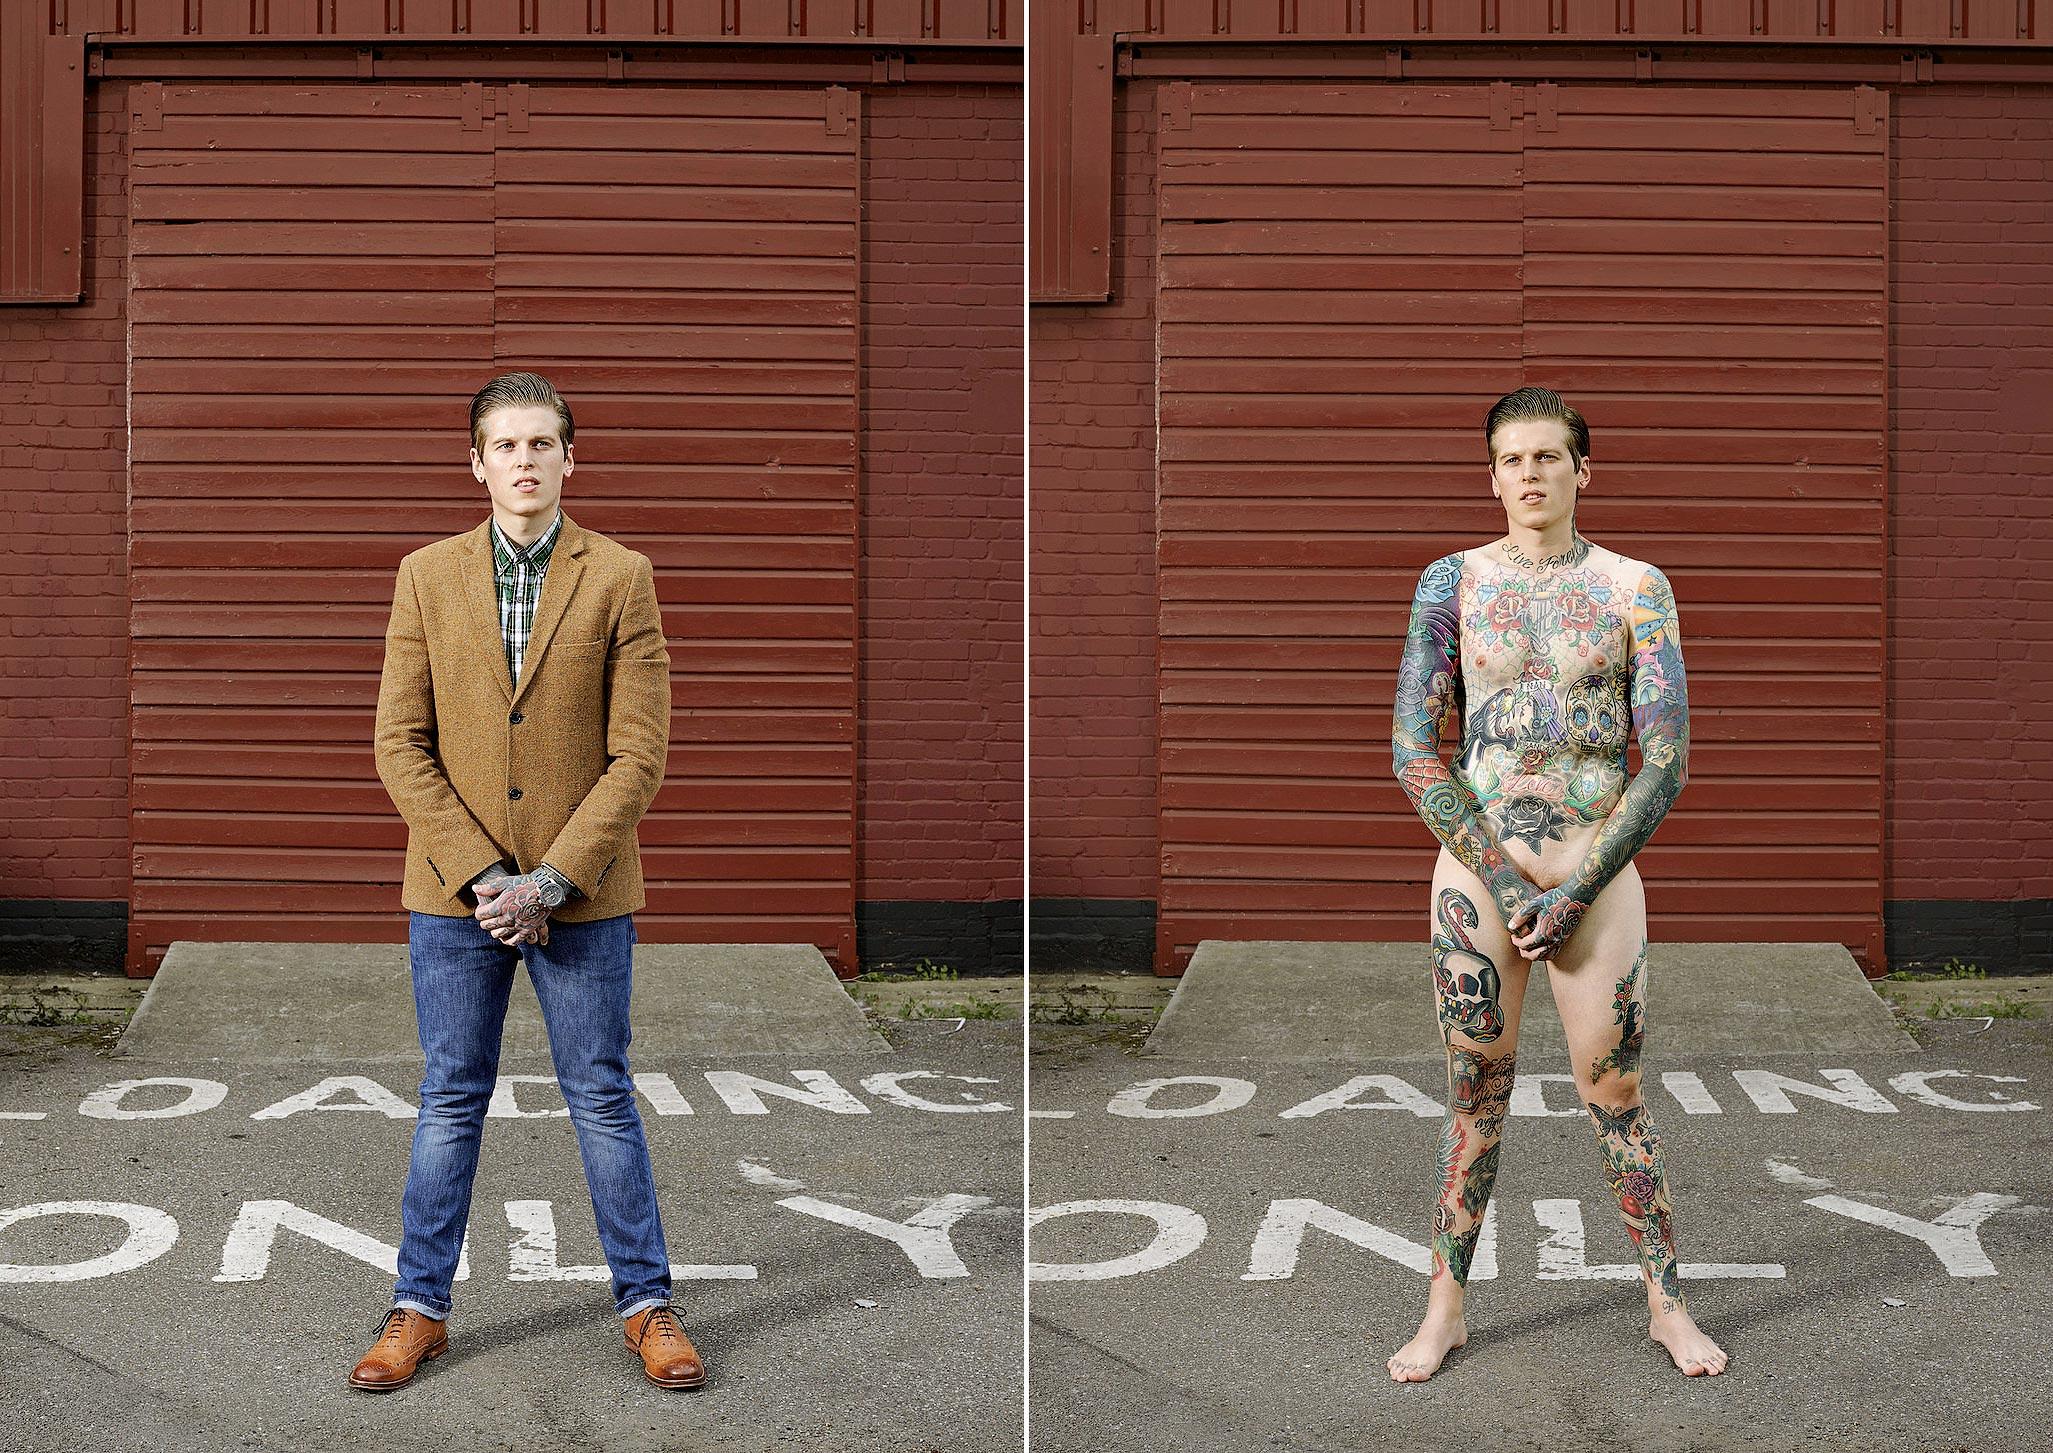 107 14 фото английских любителей тату в одежде и без